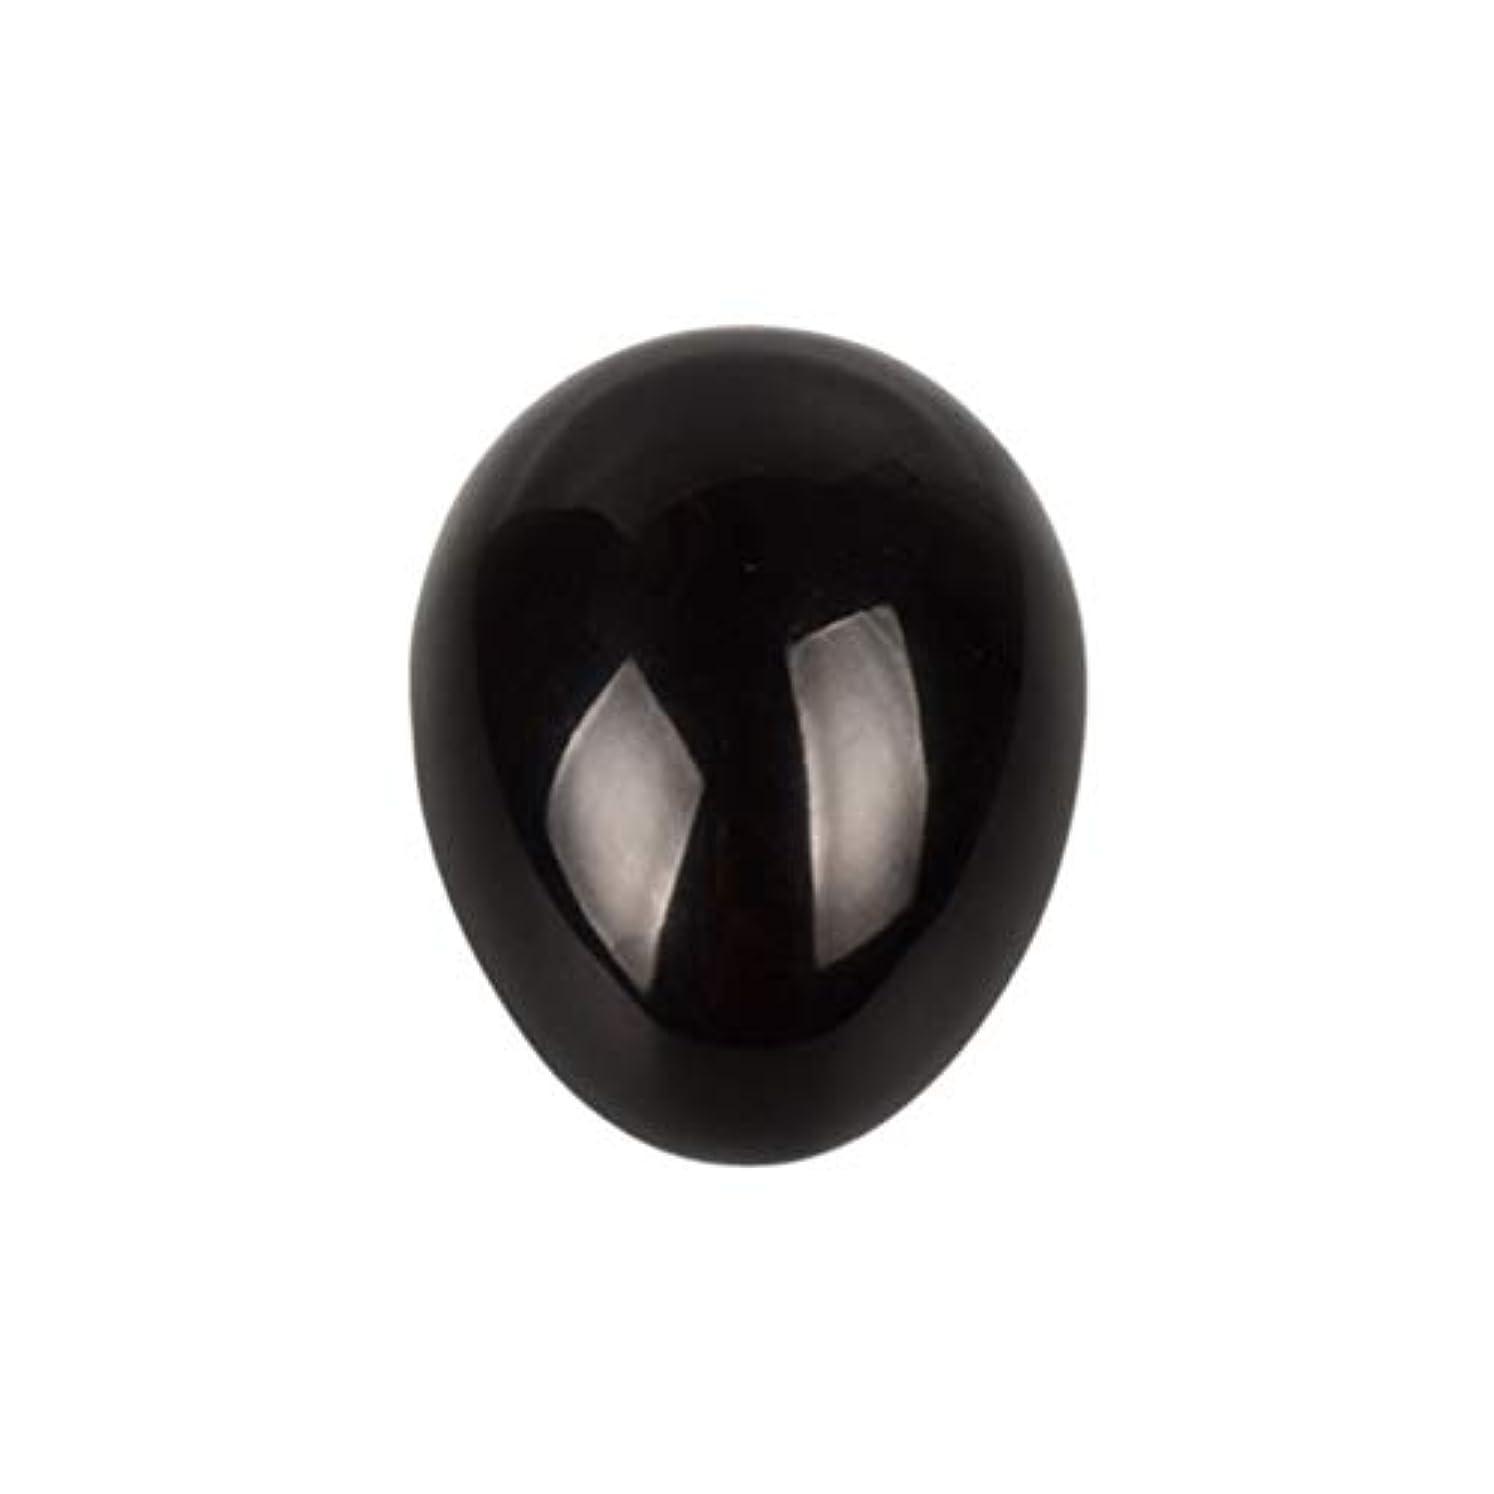 クリーナー電気陽性なめらかHealifty 癒しの瞑想のための黒い黒曜石の宝石の卵球チャクラのバランスと家の装飾45 * 30 * 30ミリメートル